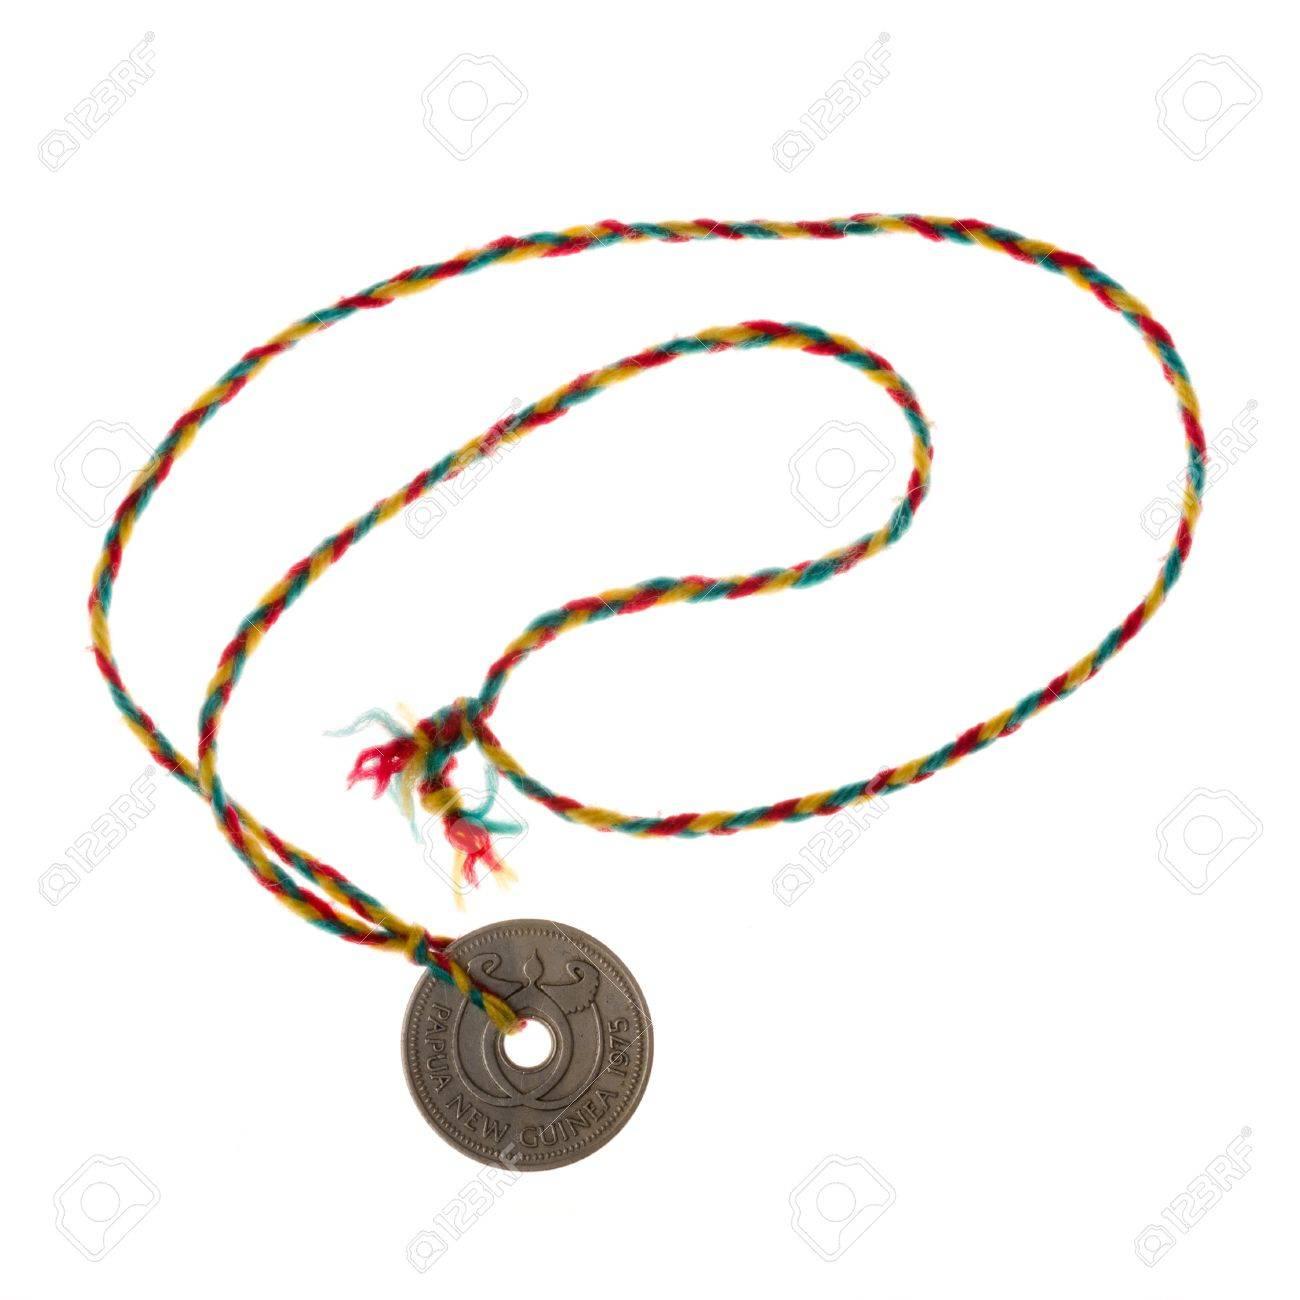 Münzen Mit Loch Aus Papua Neuguinea Als Halskette Gemacht Von Einem